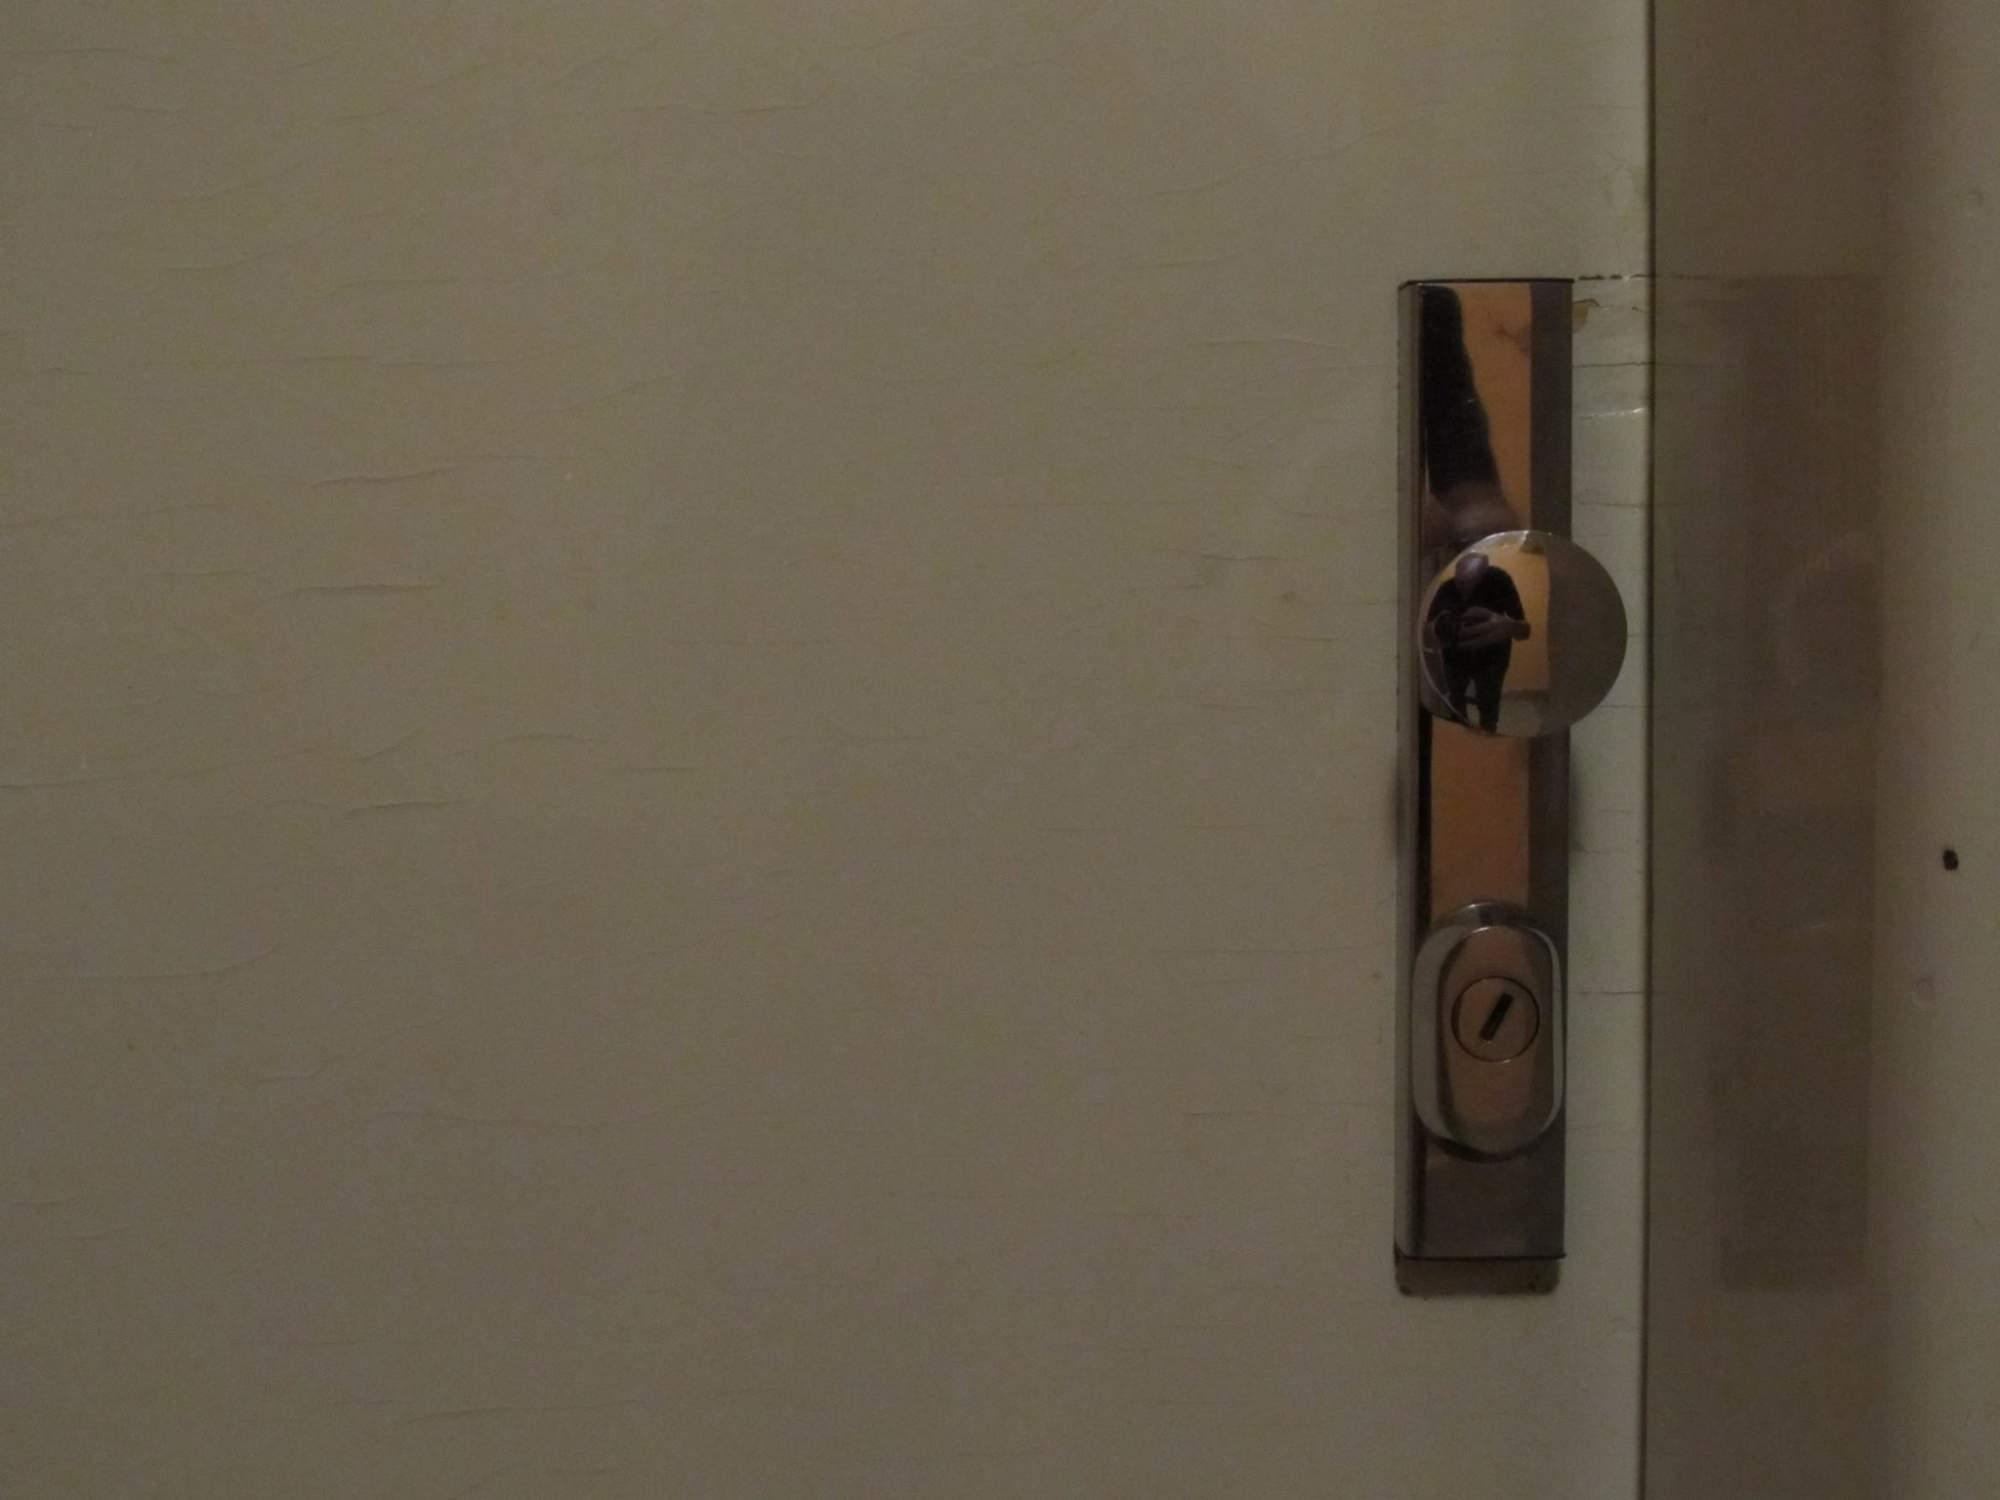 Šance arabských nájemníků získat klíče od bytu není ani poloviční. Foto: Sára Zedková